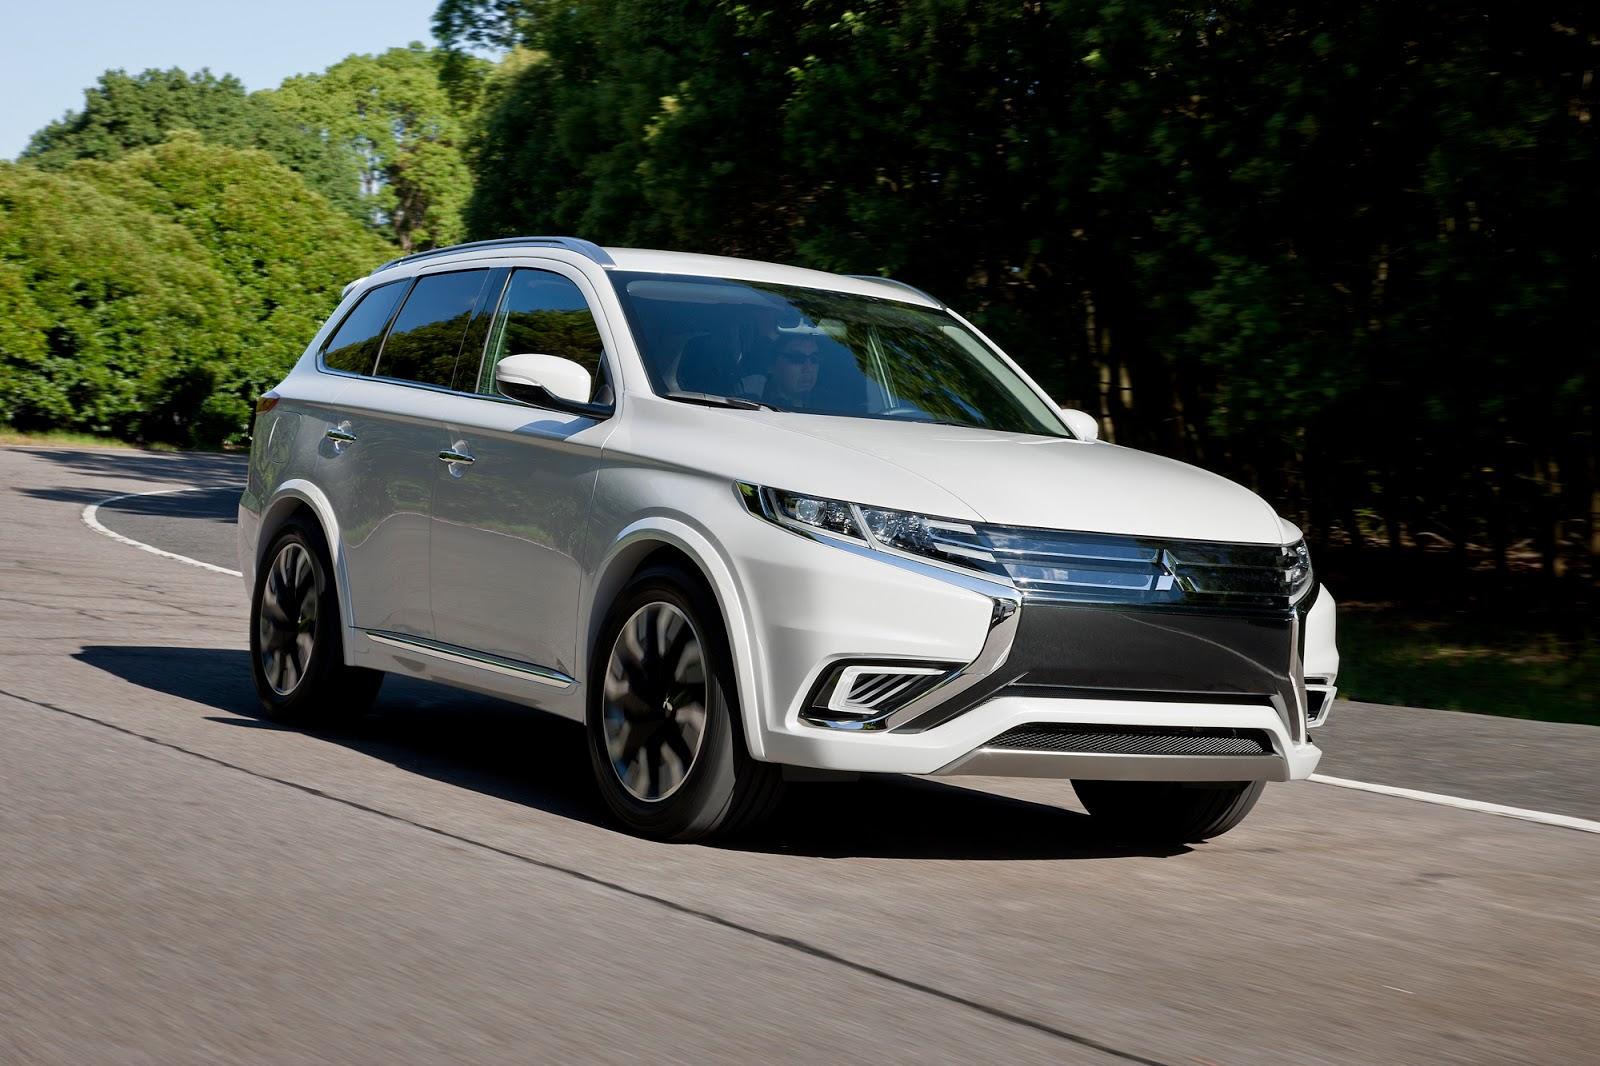 024 Το πρώτο ηλεκτρικό αυτοκίνητο με μόνιμη τετρακίνηση θα είναι στην αυτοκίνηση 2015 Mitsubishi, Mitsubishi Motors, Mitsubishi Outlander, Mitsubishi Outlander PHEV